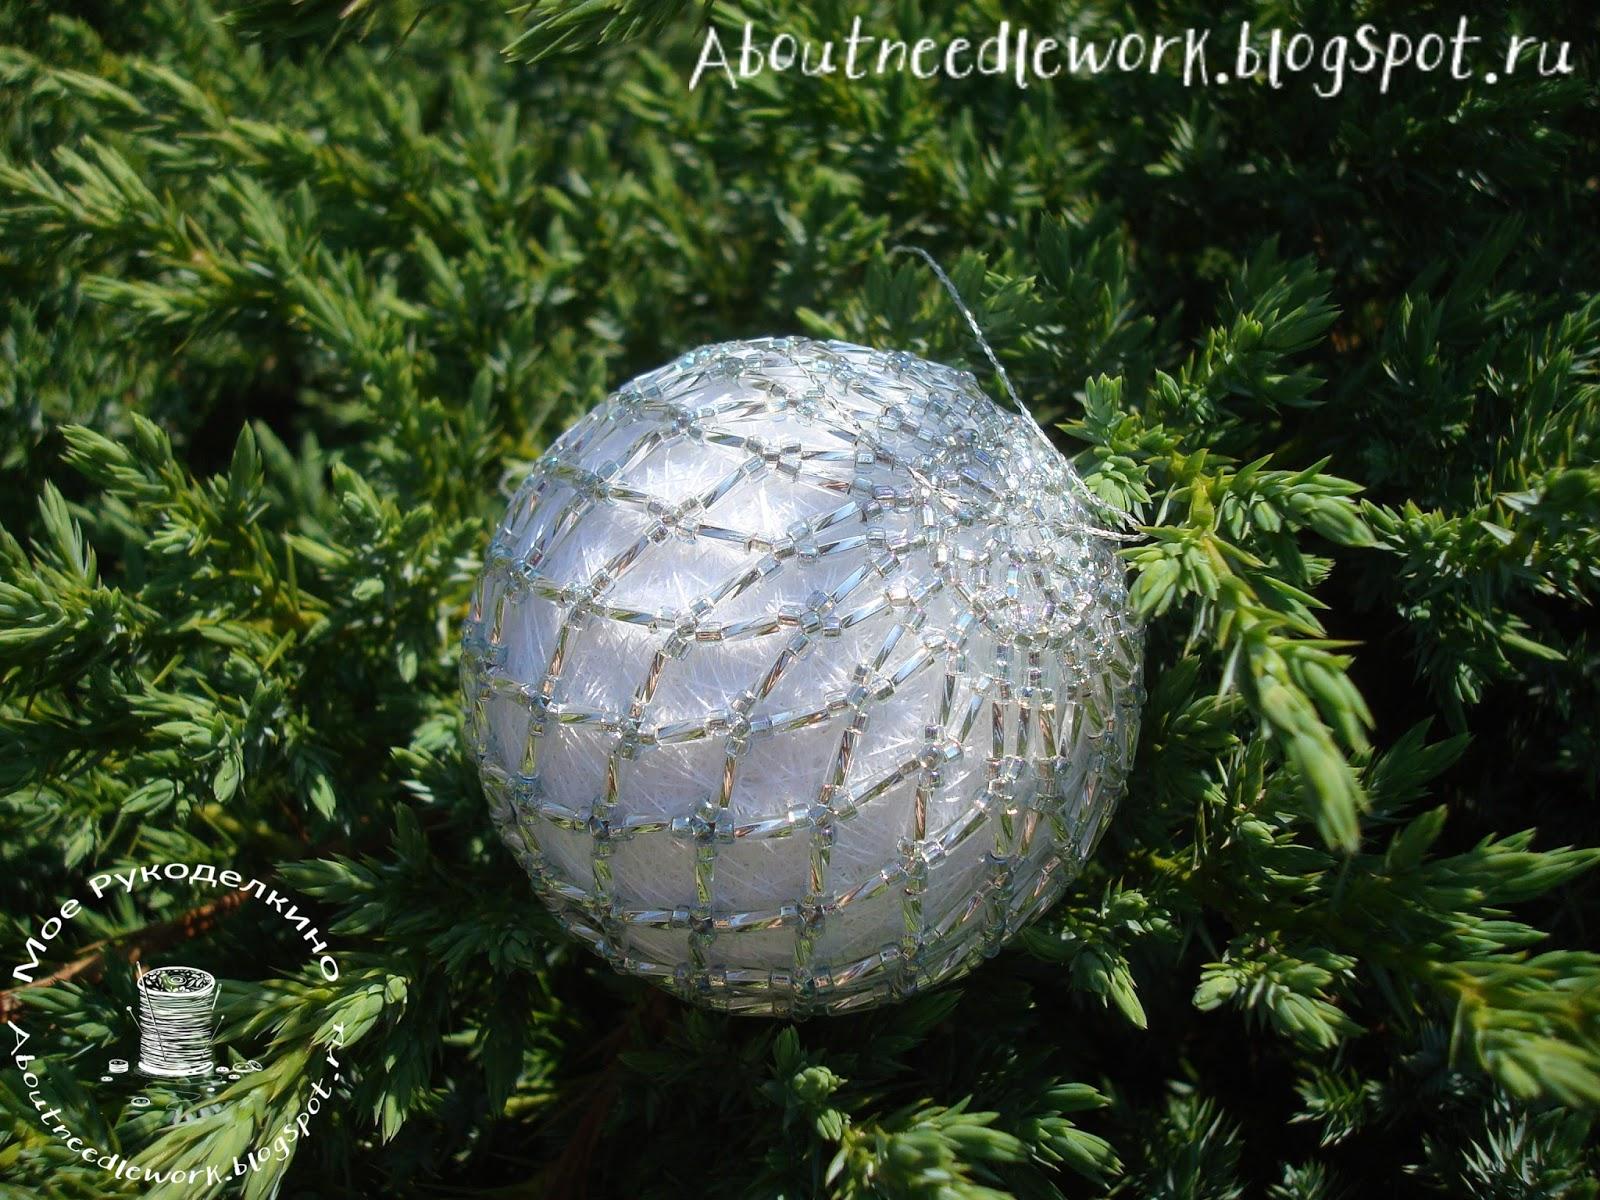 Новогодний шарик оплетенный бисером